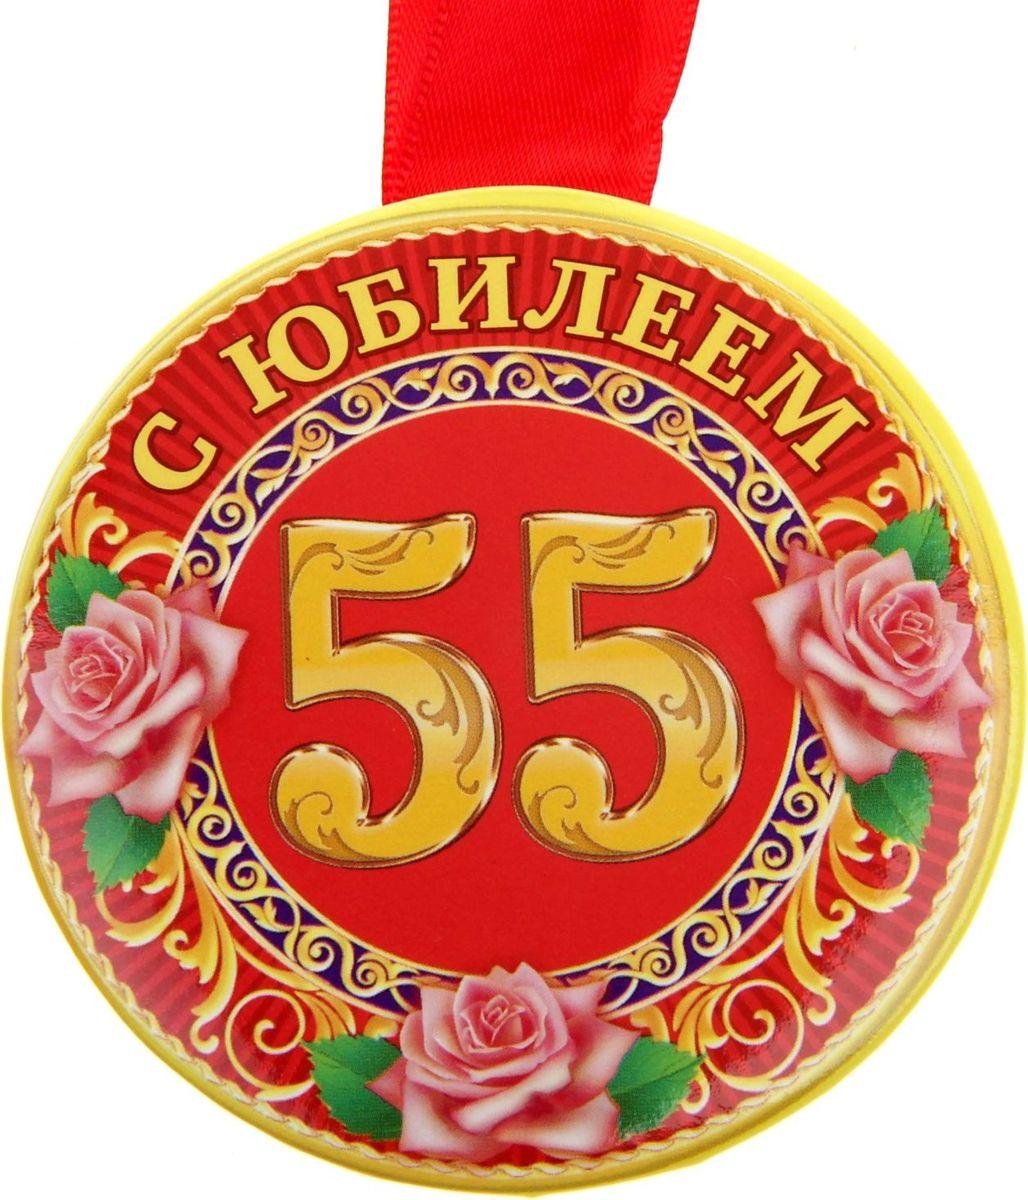 Медаль сувенирная С Юбилеем 55, диаметр 7,6 см812365Когда на носу торжественное событие, так хочется окружить себя яркими красками и счастливыми улыбками! Порадуйте своих близких и родных самой эффектной и позитивной наградой, которую уж точно будет видно издалека! Медаль С Юбилеем 55 изготовлена из легкого пластика, декорирована яркой текстильной лентой. Награда обязательно придется по вкусу тому, кто любит быть в центре внимания.